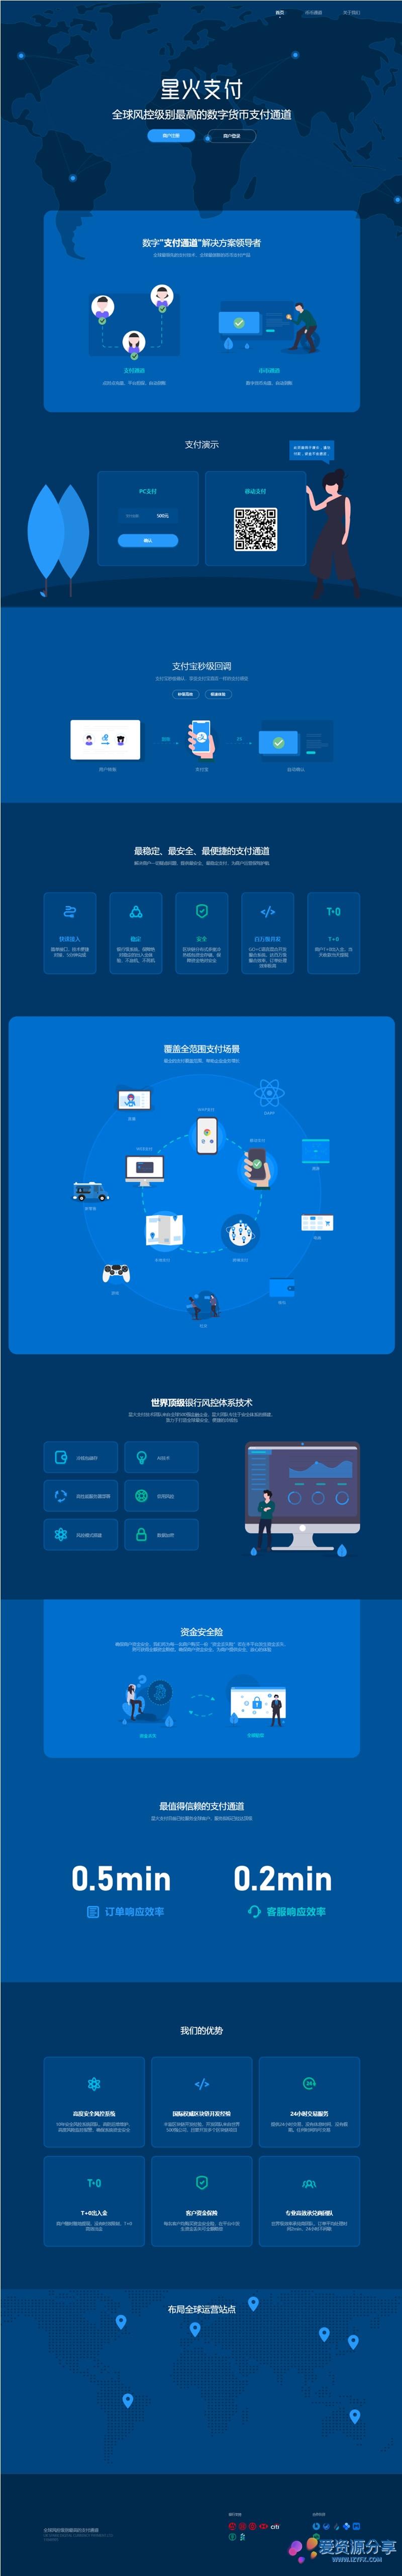 星火支付/USDT承兑系统第三方支付接口数字货币网站系统源码-爱资源分享